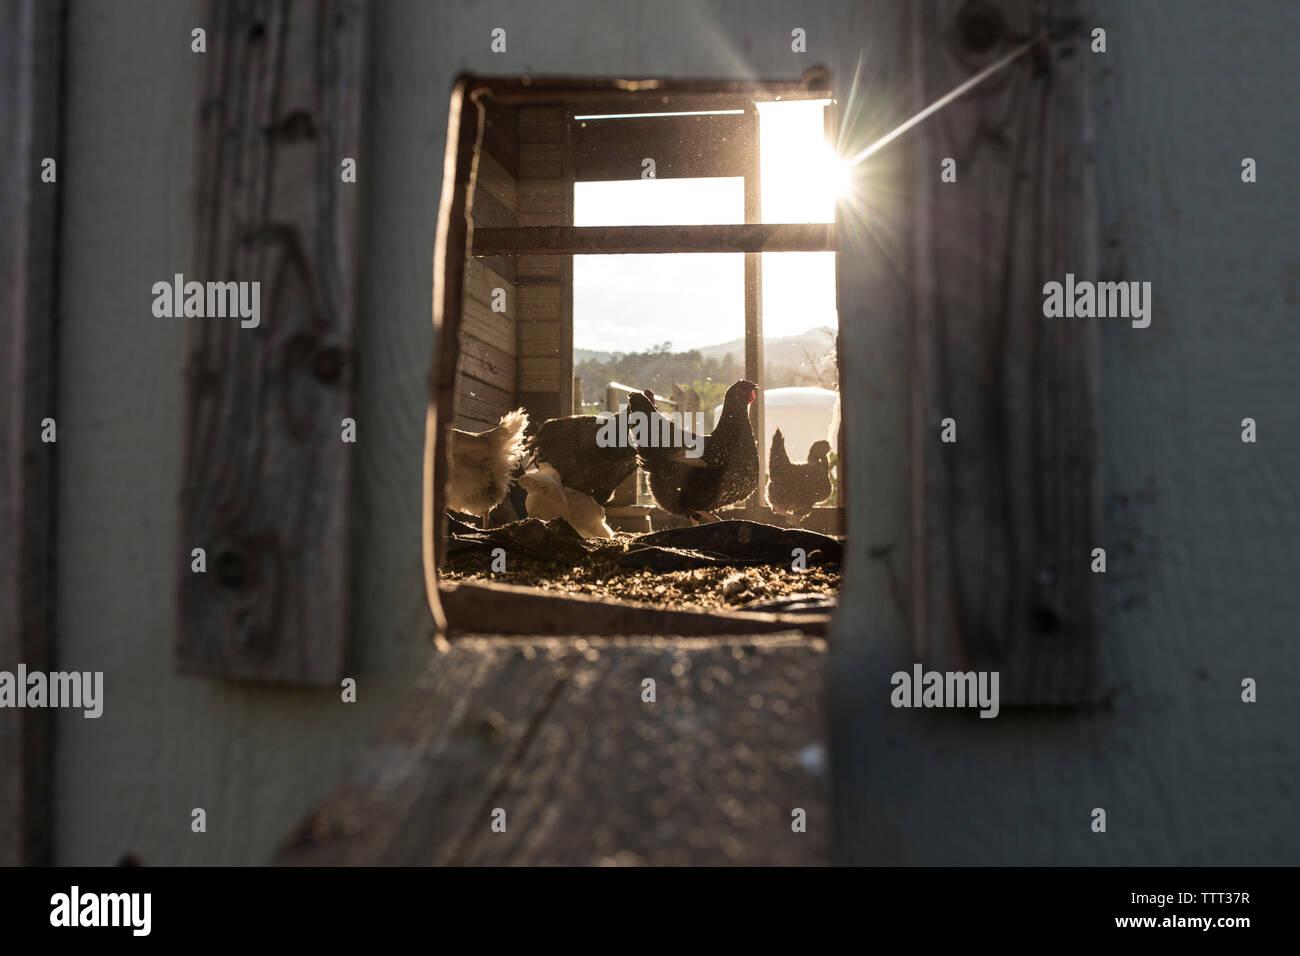 Hens in chicken coop seen through window - Stock Image